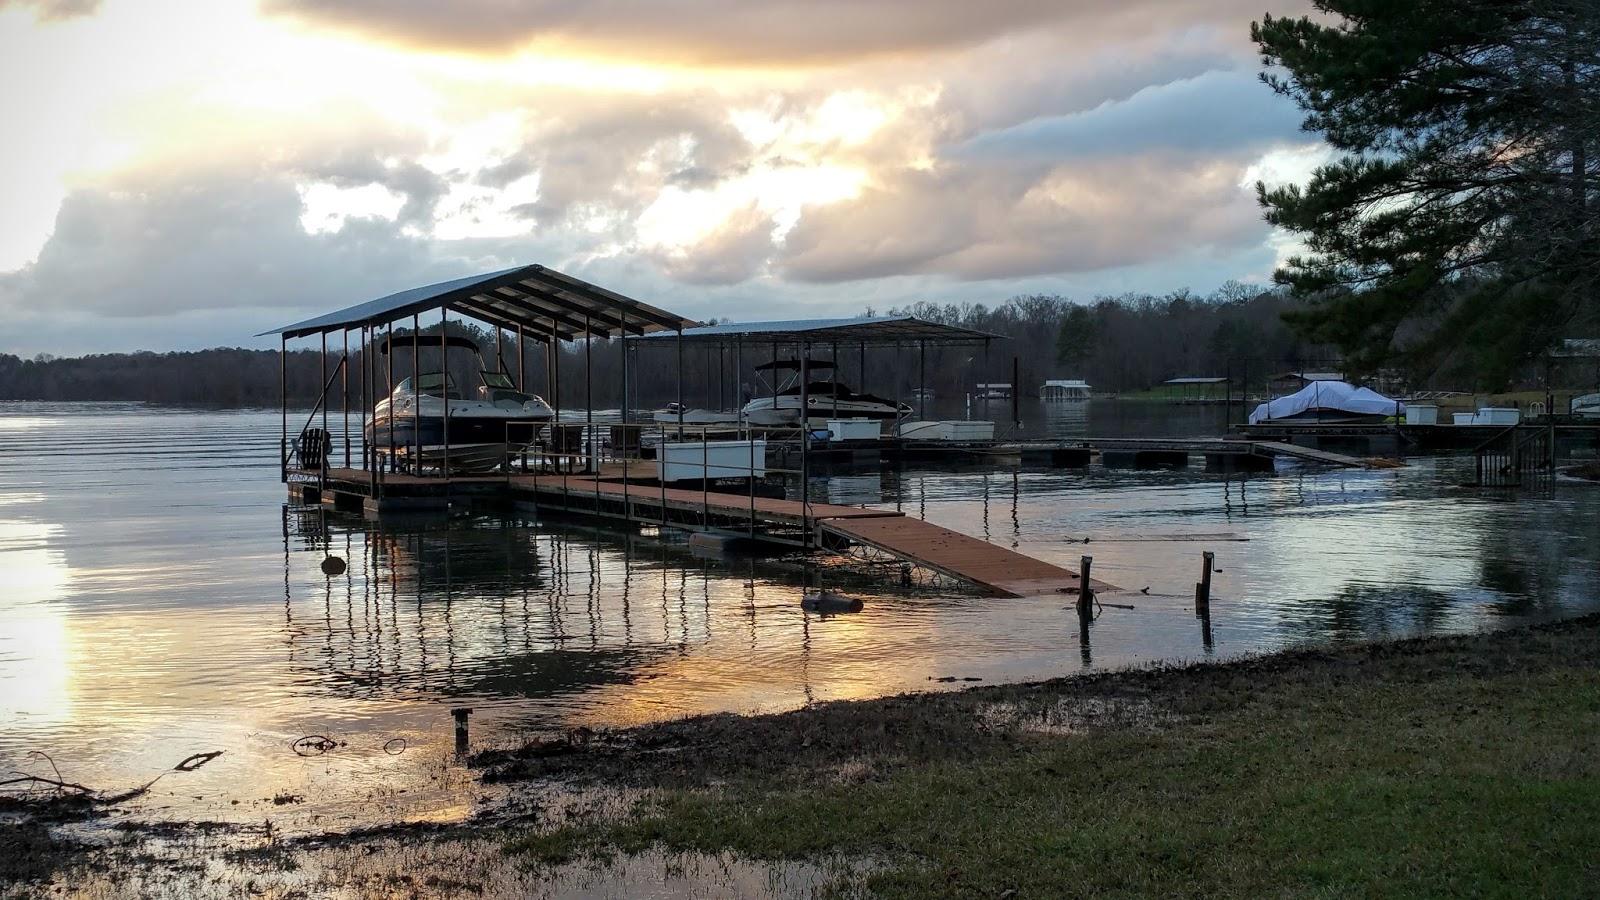 The water supply lake lanier